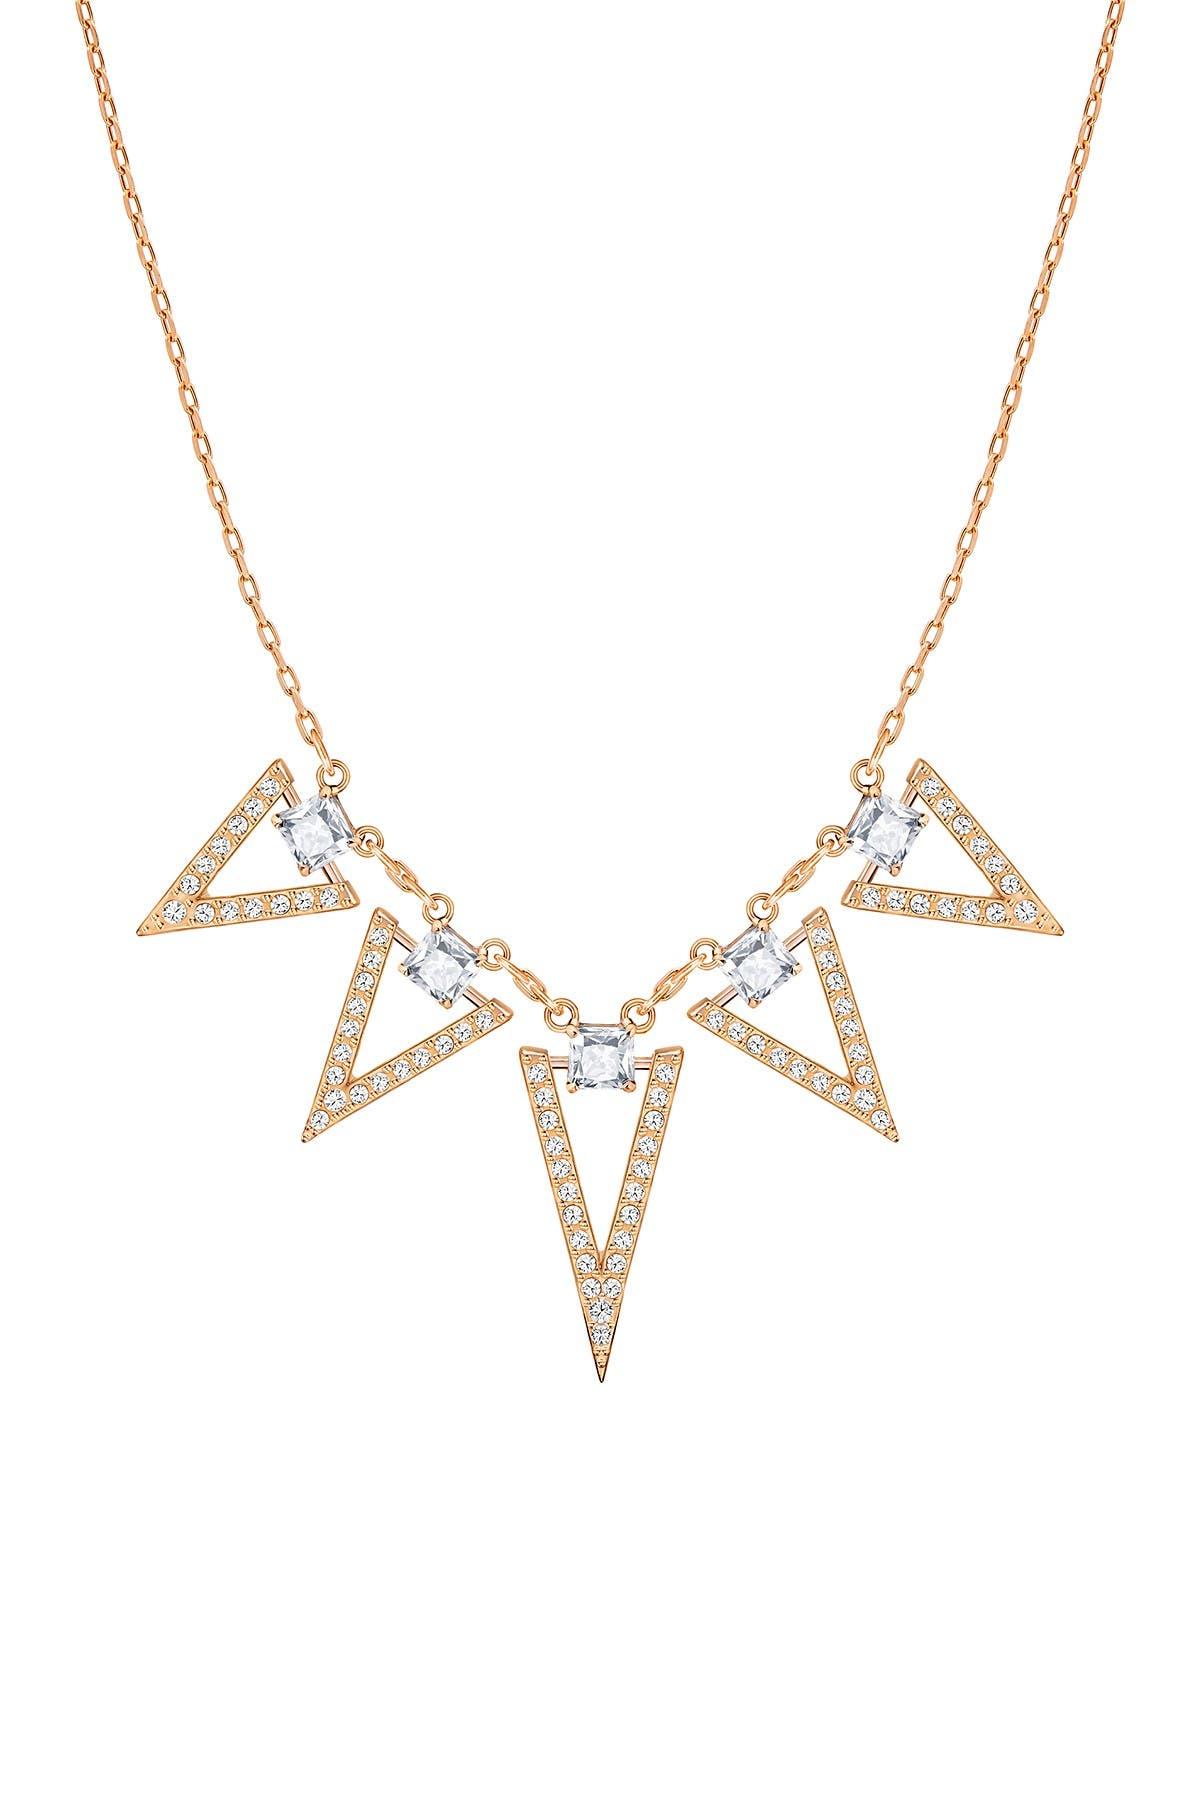 Swarovski Funk 18k Rose Gold Plated Prong Set Swarovski Crystal Pave Triangle Fringe Necklace Nordstrom Rack